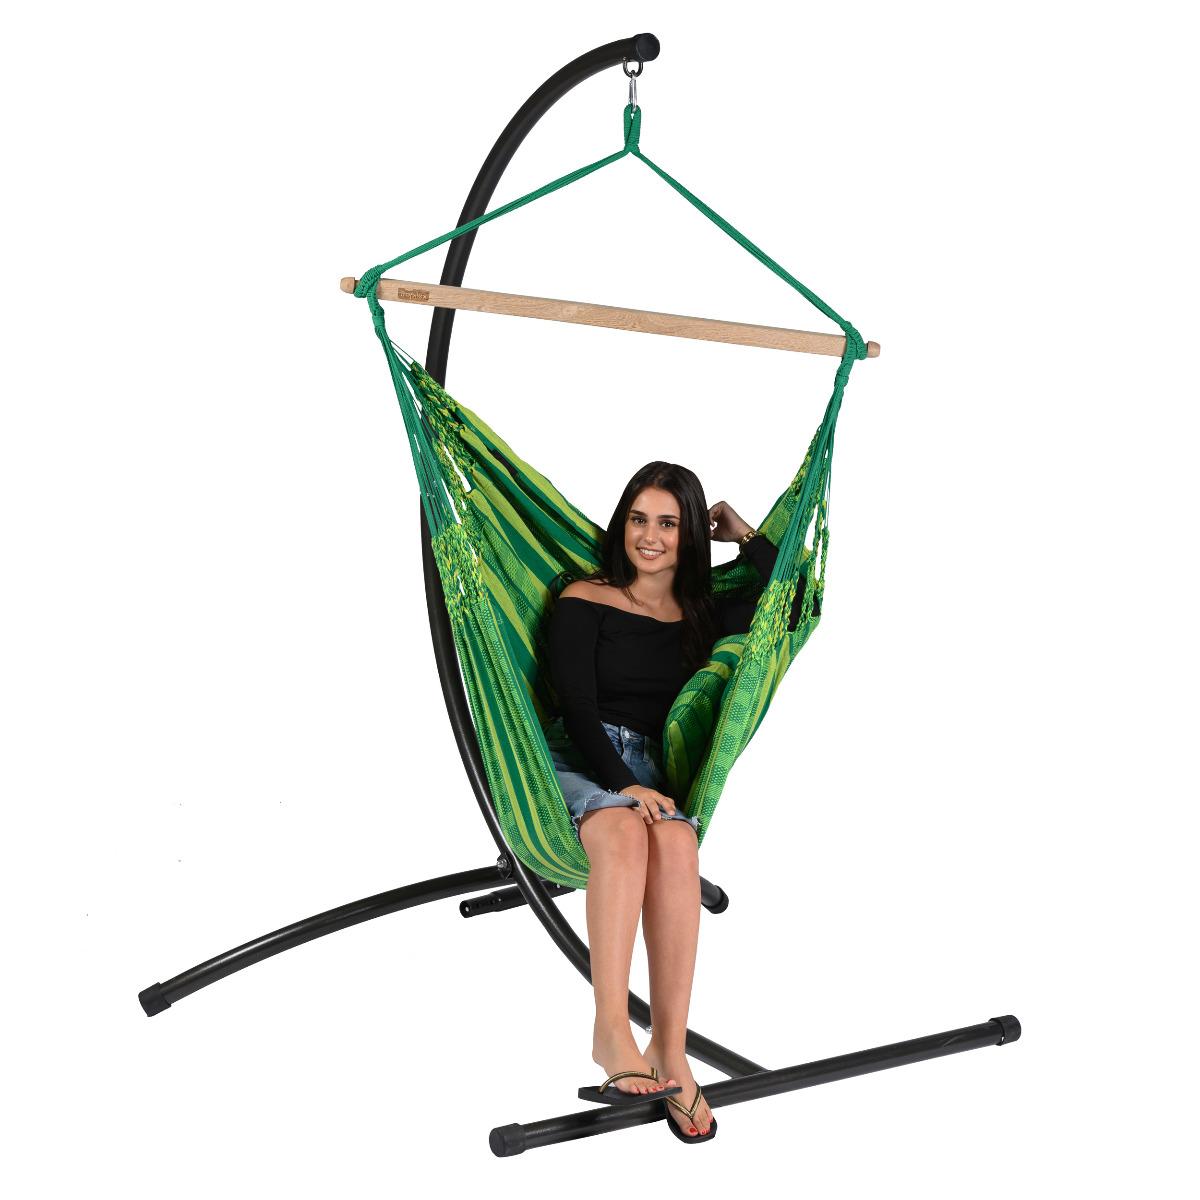 Hangstoel Eénpersoons 'Chill' Joyful - Groen - Tropilex ®